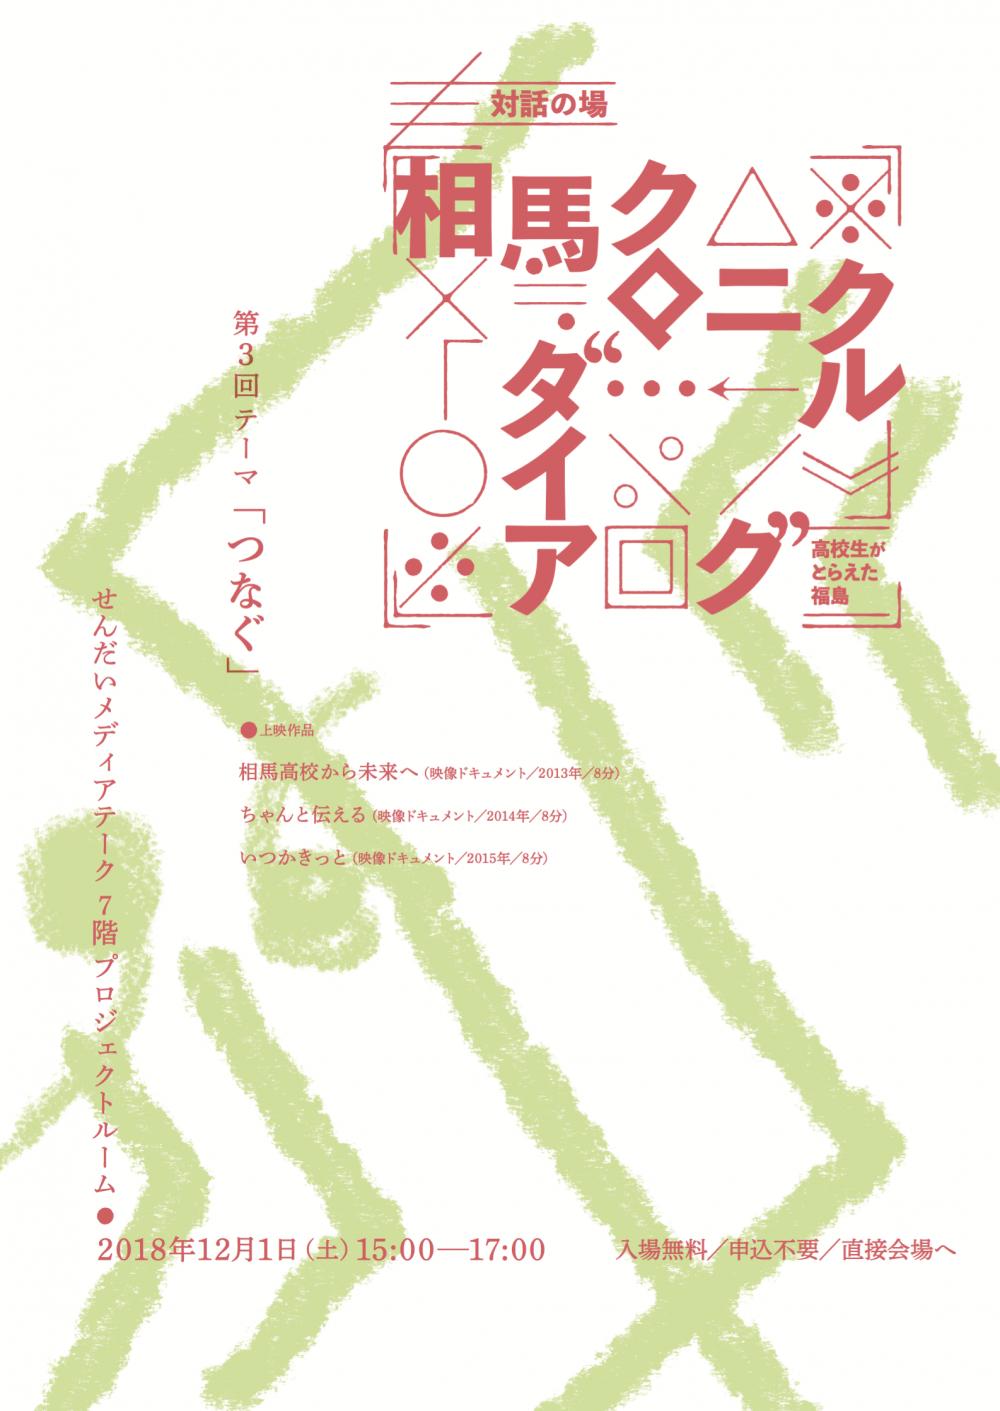 【終了】相馬クロニクルダイアログ 第3回「つなぐ」